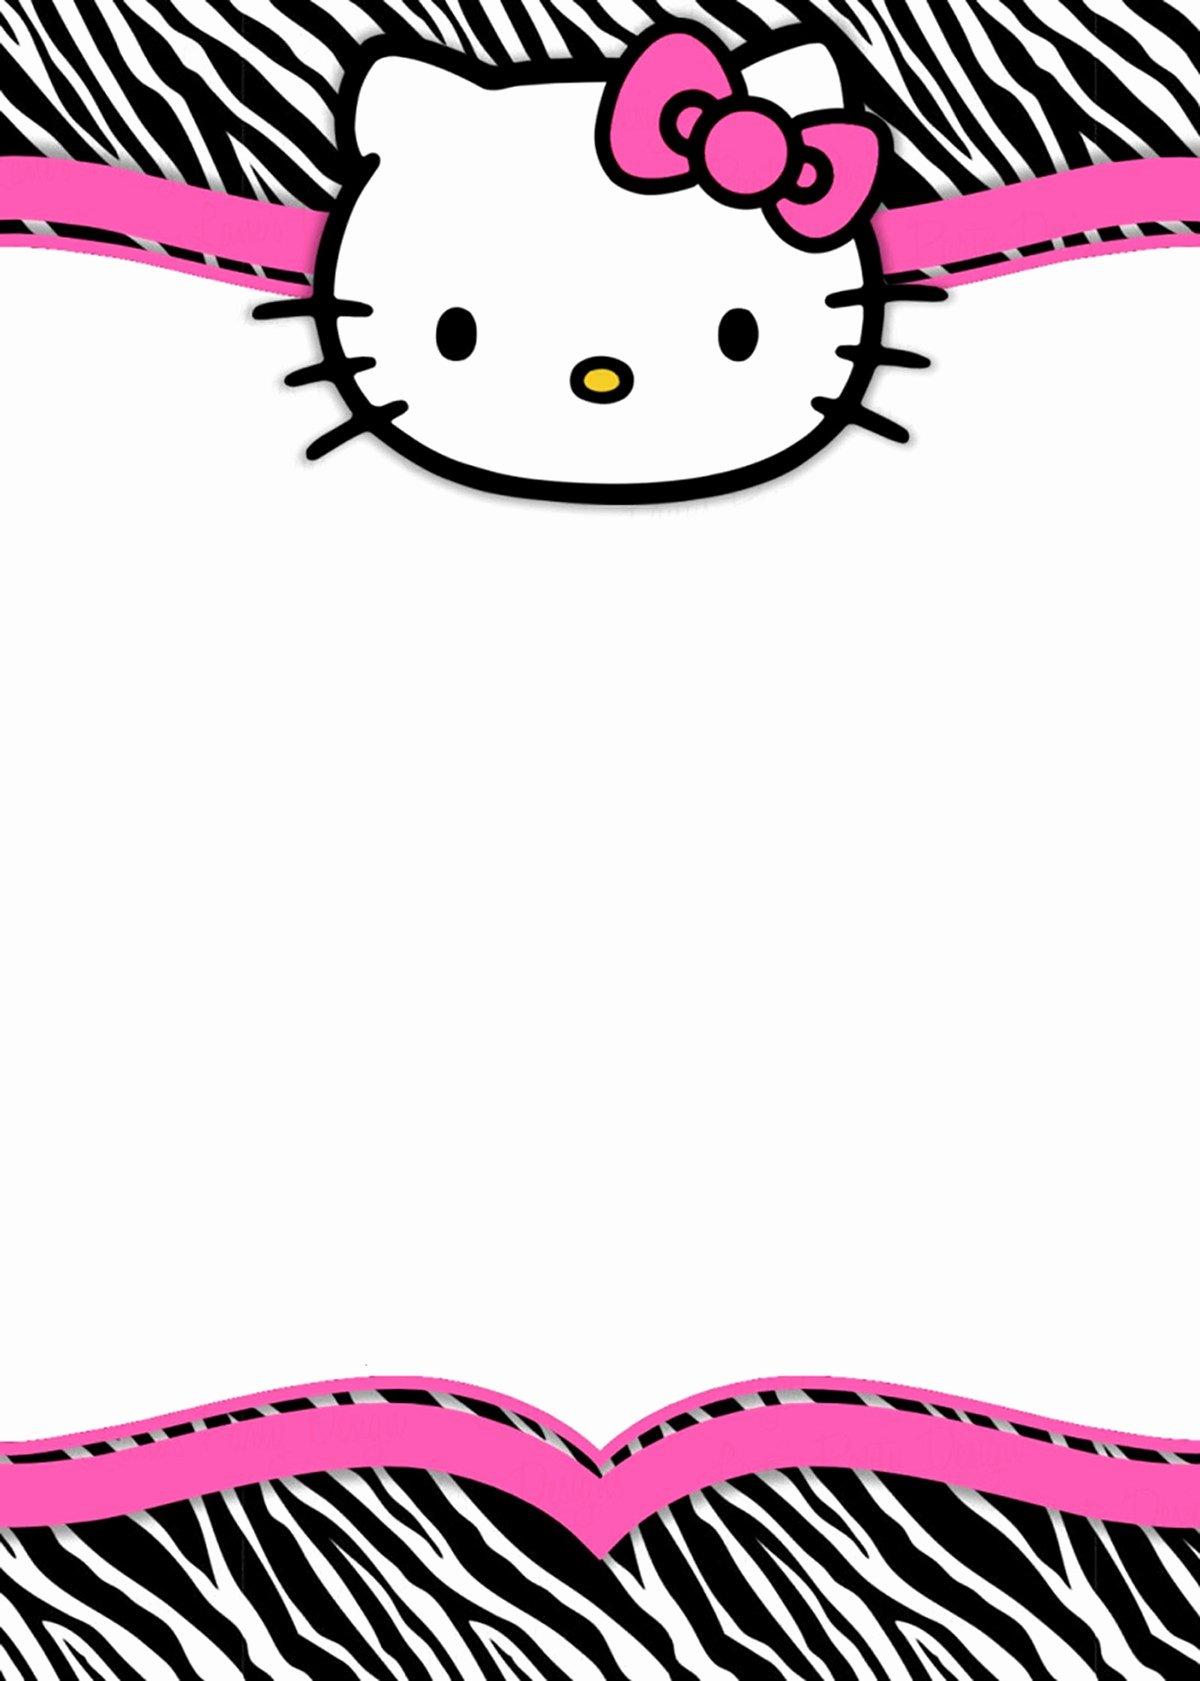 Hello Kitty Invitation Template Luxury Hello Kitty Free Printable Invitation Templates